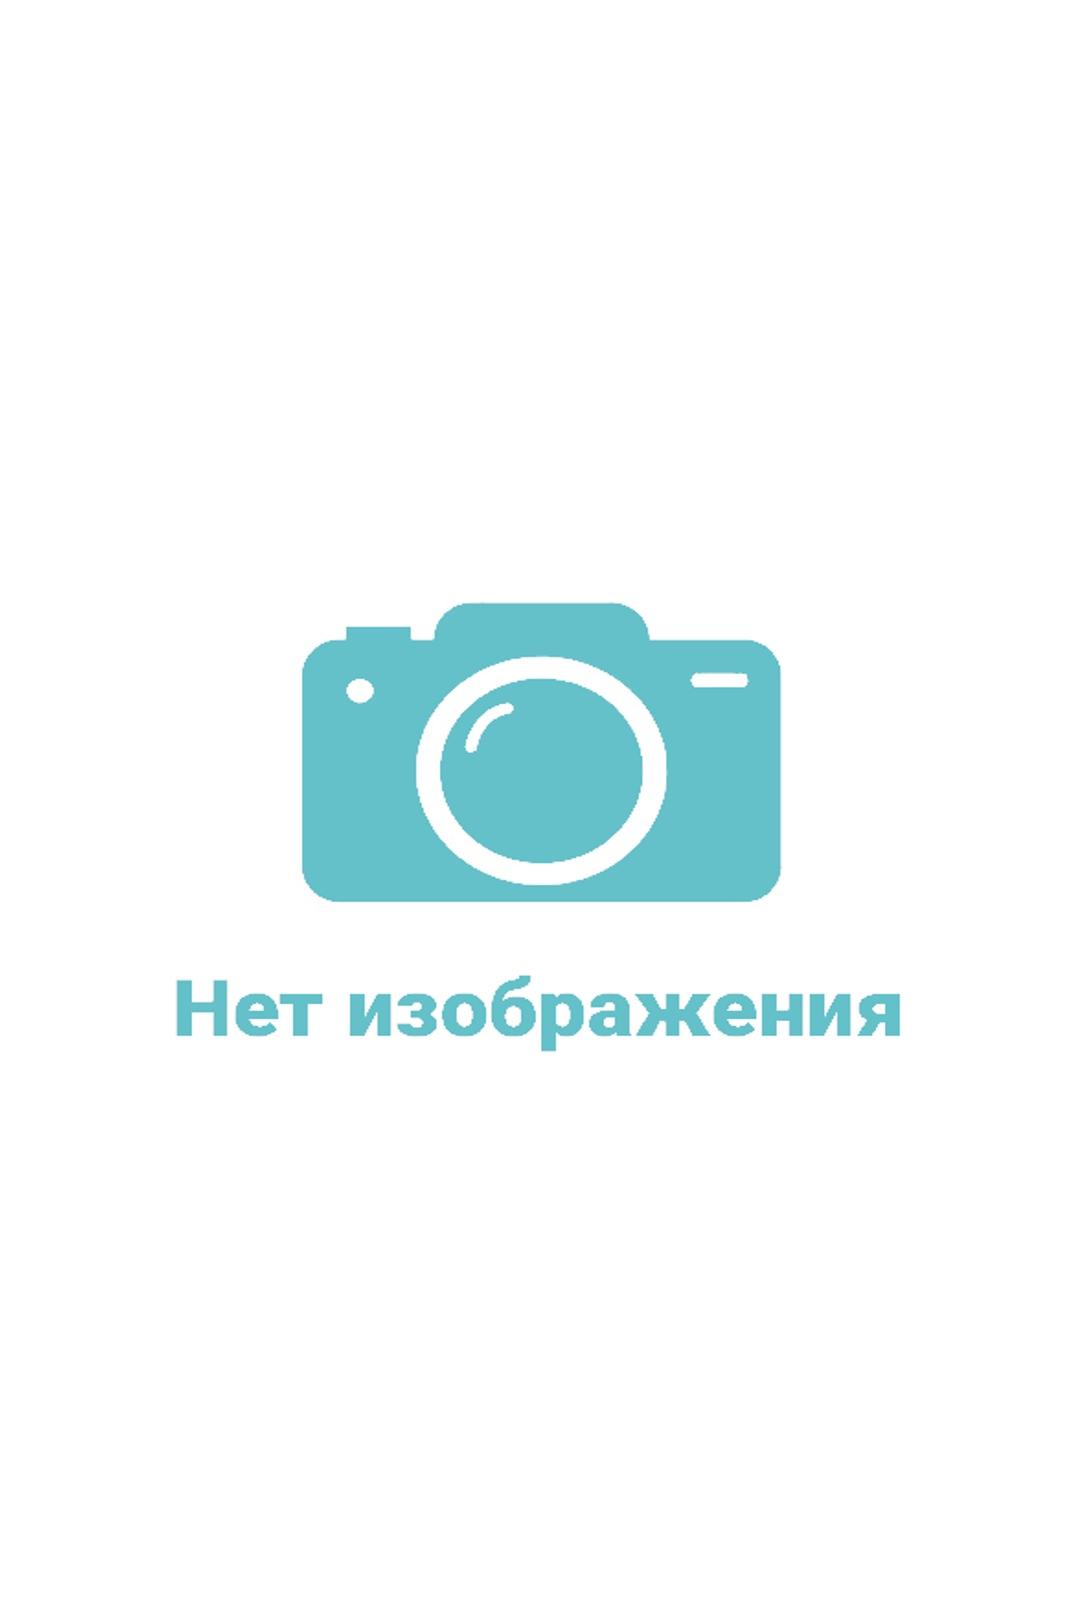 Врач терапевт Терехов Дмитрий Валентинович